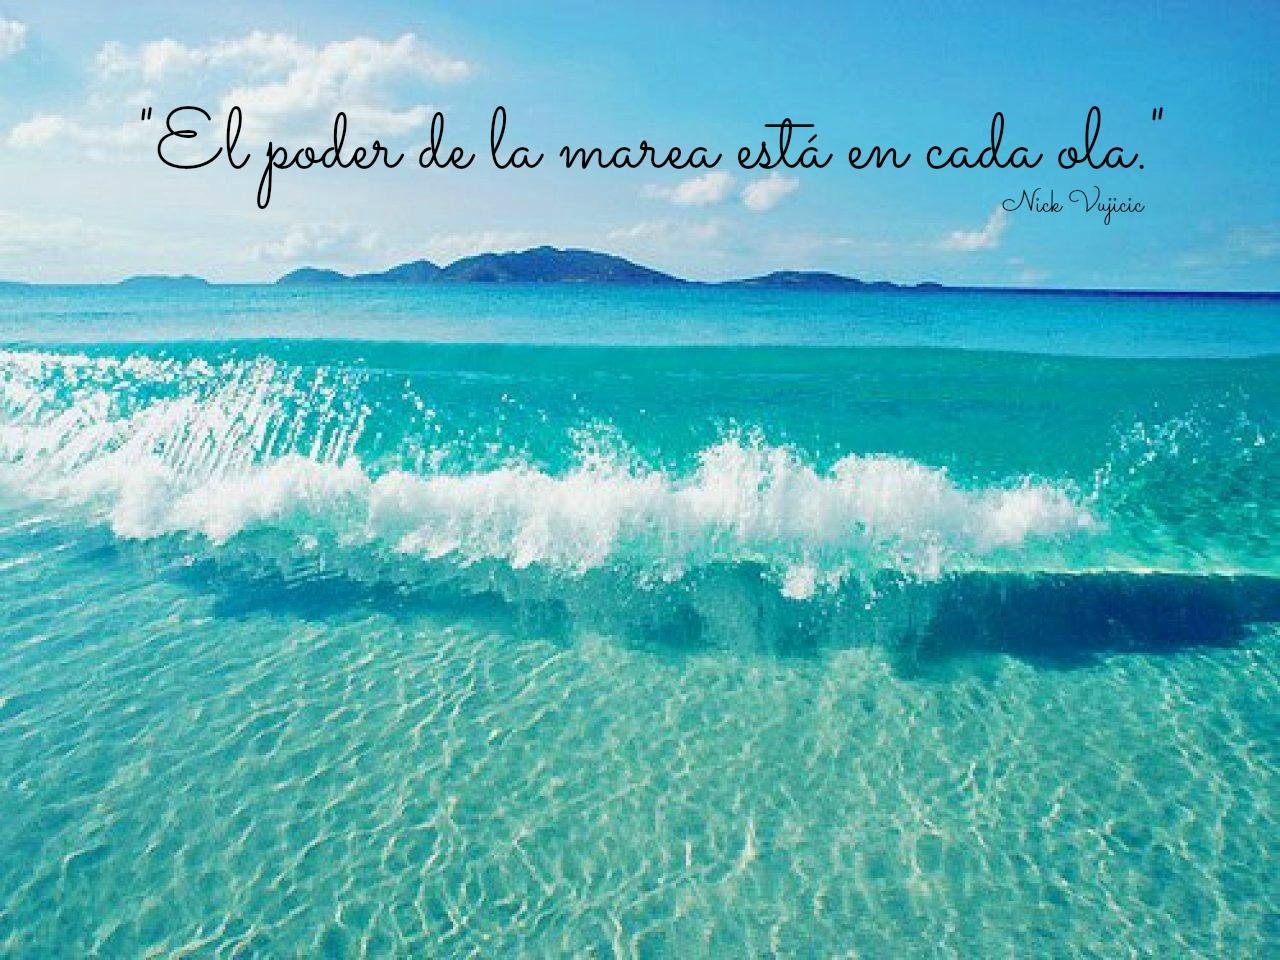 Imágenes Con Frases De Verano Y Playa